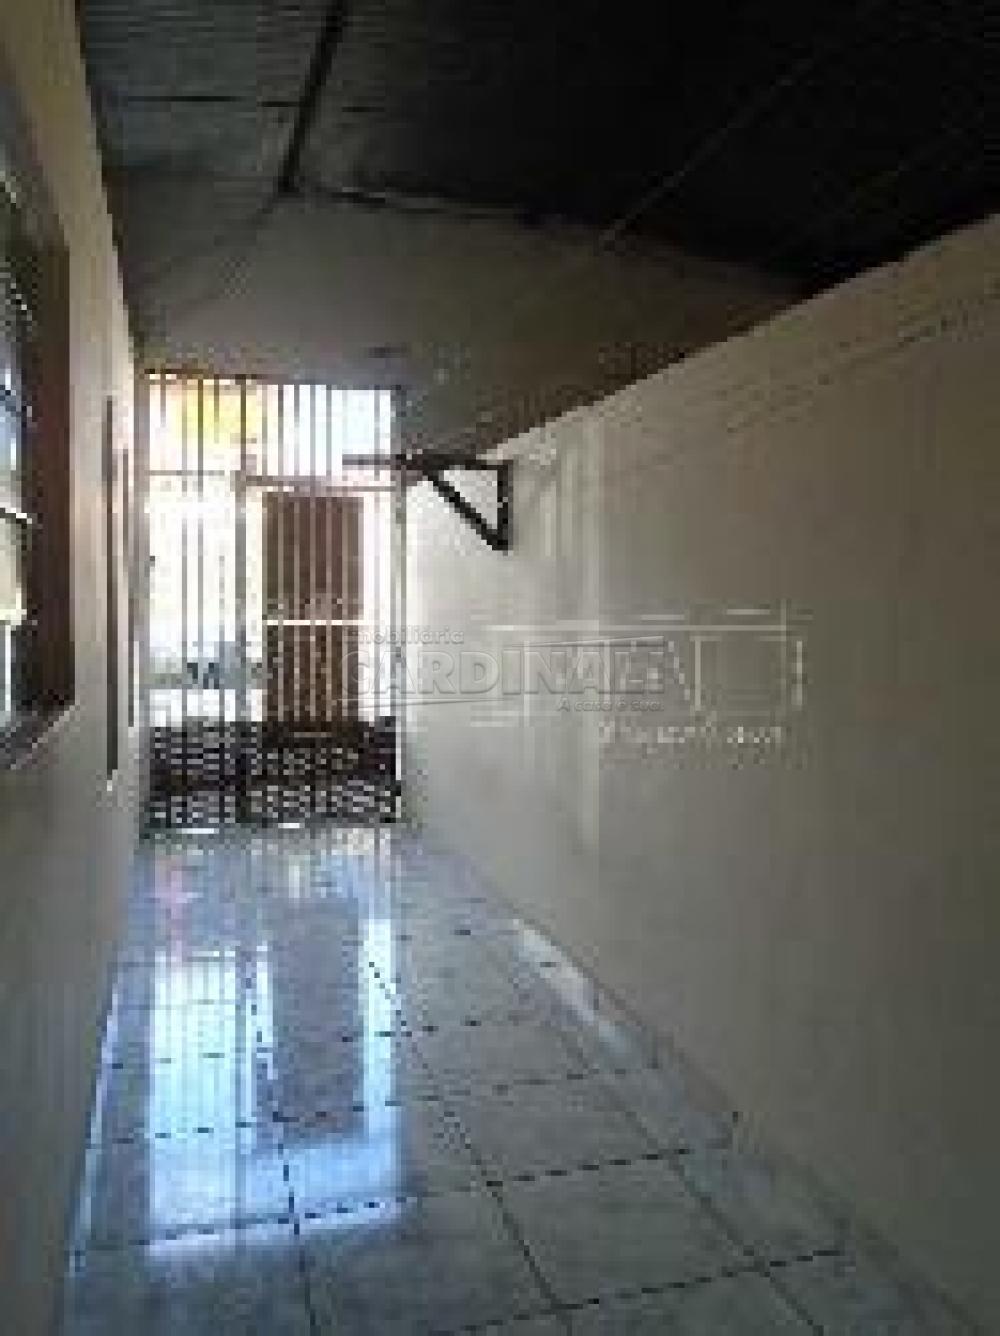 Alugar Comercial / Galpão em São Carlos R$ 2.223,00 - Foto 6